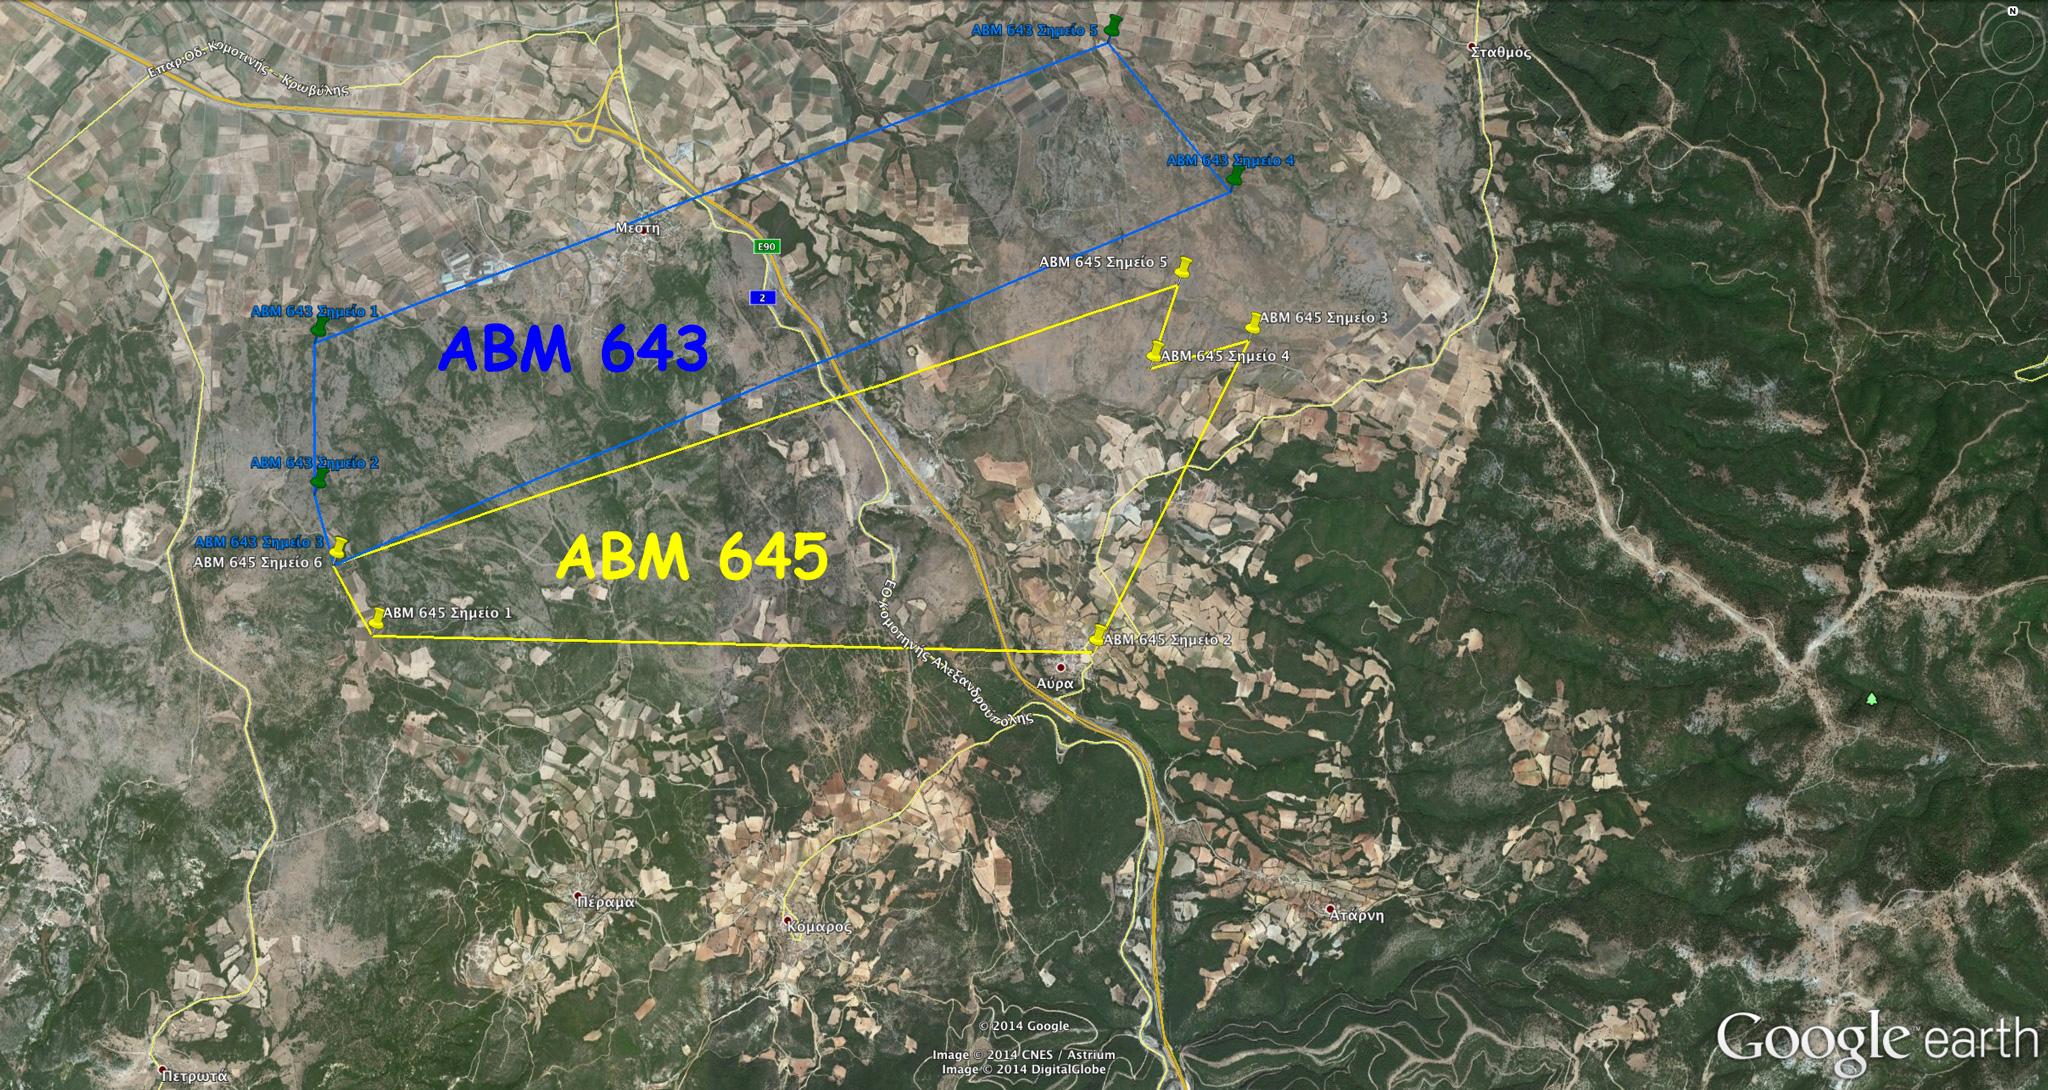 Περιοχές ΑΒΜ 643 & 645 - Αίτηση μεταλλευτικών ερευνών Χρυσωρυχεία Θράκης ΑΕ (Ιαν.2014)